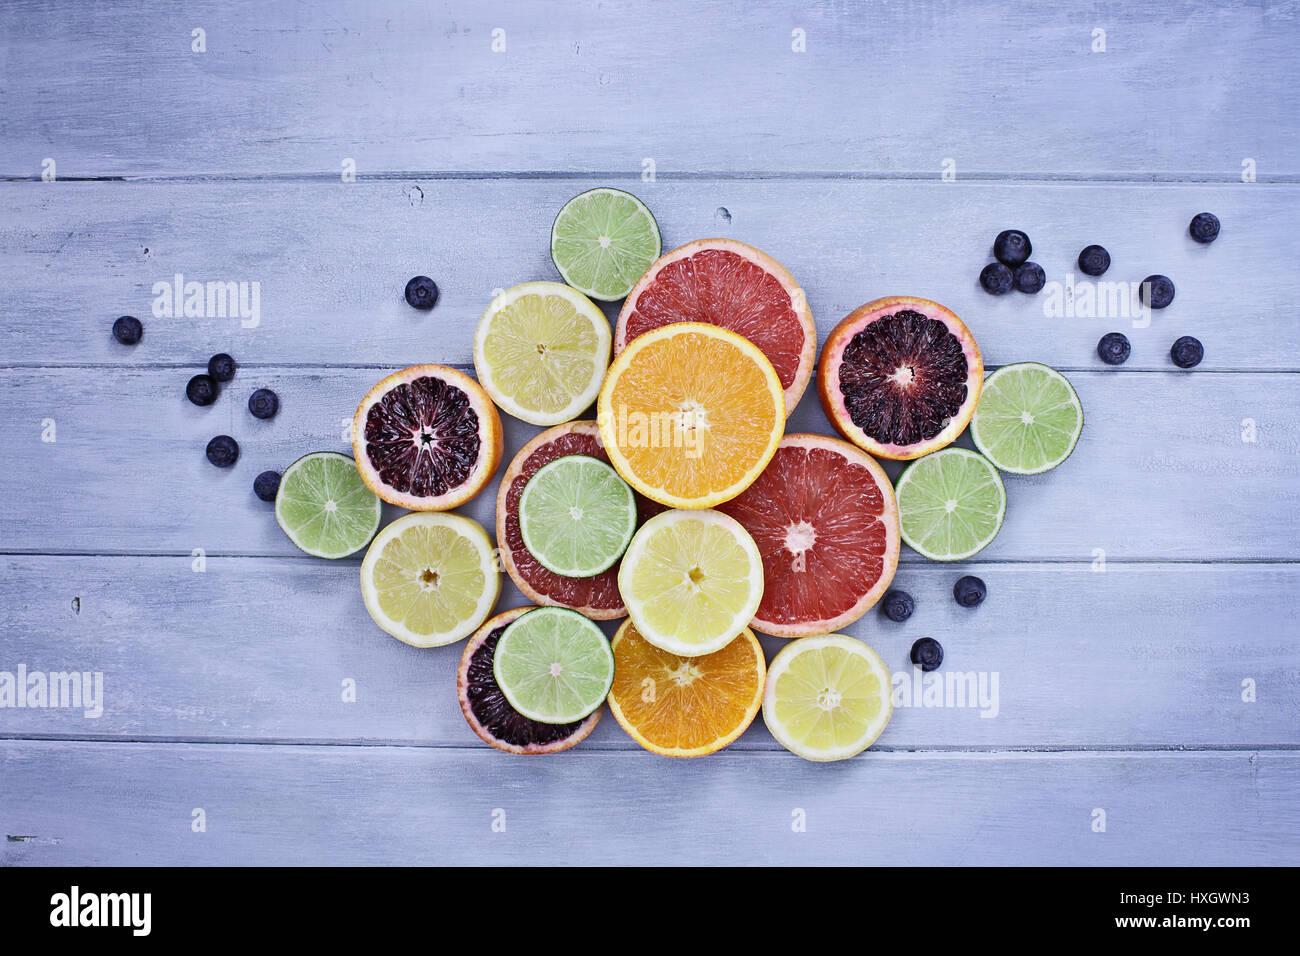 Vielzahl von Zitrusfrüchte (Orange, Blutorangen, Zitronen, Grapefruit und Limetten) mit Heidelbeeren über Stockbild